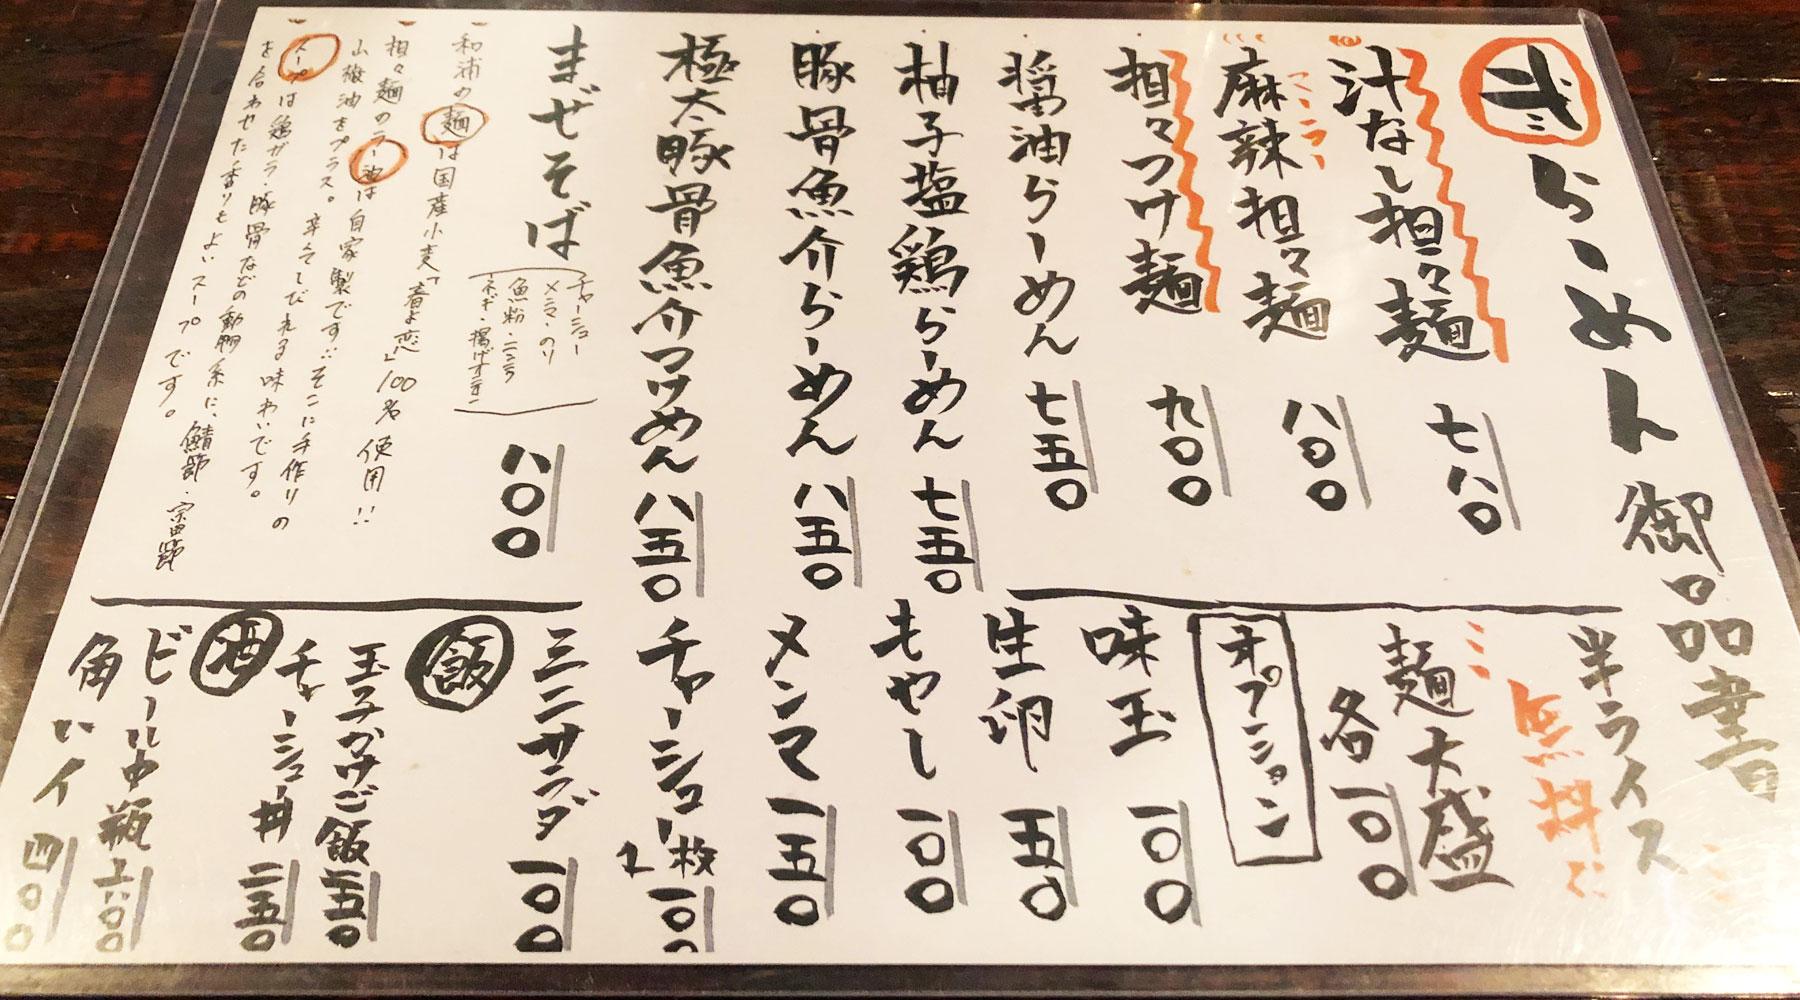 和浦酒場弐のランチメニュー